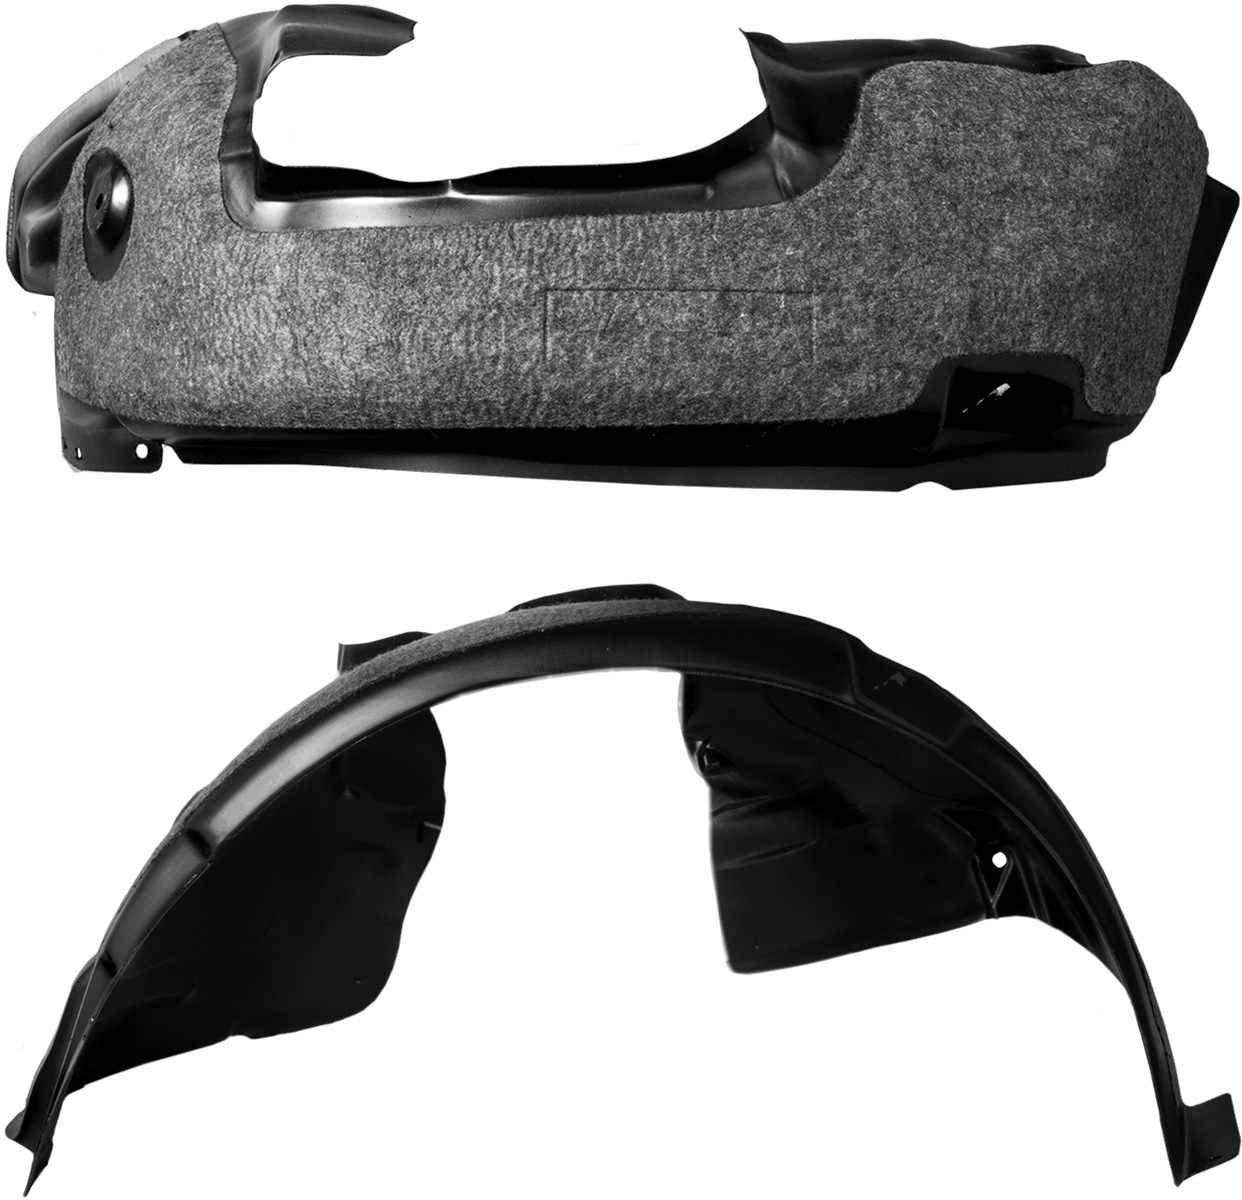 Подкрылок с шумоизоляцией Novline-Autofamily, для Peugeot Boxer, 08/2014 ->, с расширителями арок (передний правый)K100Подкрылок с шумоизоляцией - революционный продукт, совмещающий в себе все достоинства обычного подкрылка, и в то же время являющийся одним из наиболее эффективных средств борьбы с внешним шумом в салоне автомобиля. Подкрылки бренда Novline-Autofamily разрабатываются индивидуально для каждого автомобиля с использованием метода 3D-сканирования.В качестве шумоизолирующего слоя применяется легкое синтетическое нетканое полотно толщиной 10 мм, которое отталкивает влагу, сохраняет свои шумоизоляционные свойства на протяжении всего периода эксплуатации.Подкрылки с шумоизоляцией не имеют эксплуатационных ограничений и устанавливаются один раз на весь срок службы автомобиля.Подкрылки с шумоизоляцией не имеют аналогов и являются российским изобретением, получившим признание во всём мире. Уважаемые клиенты! Обращаем ваше внимание, фото может не полностью соответствовать оригиналу.